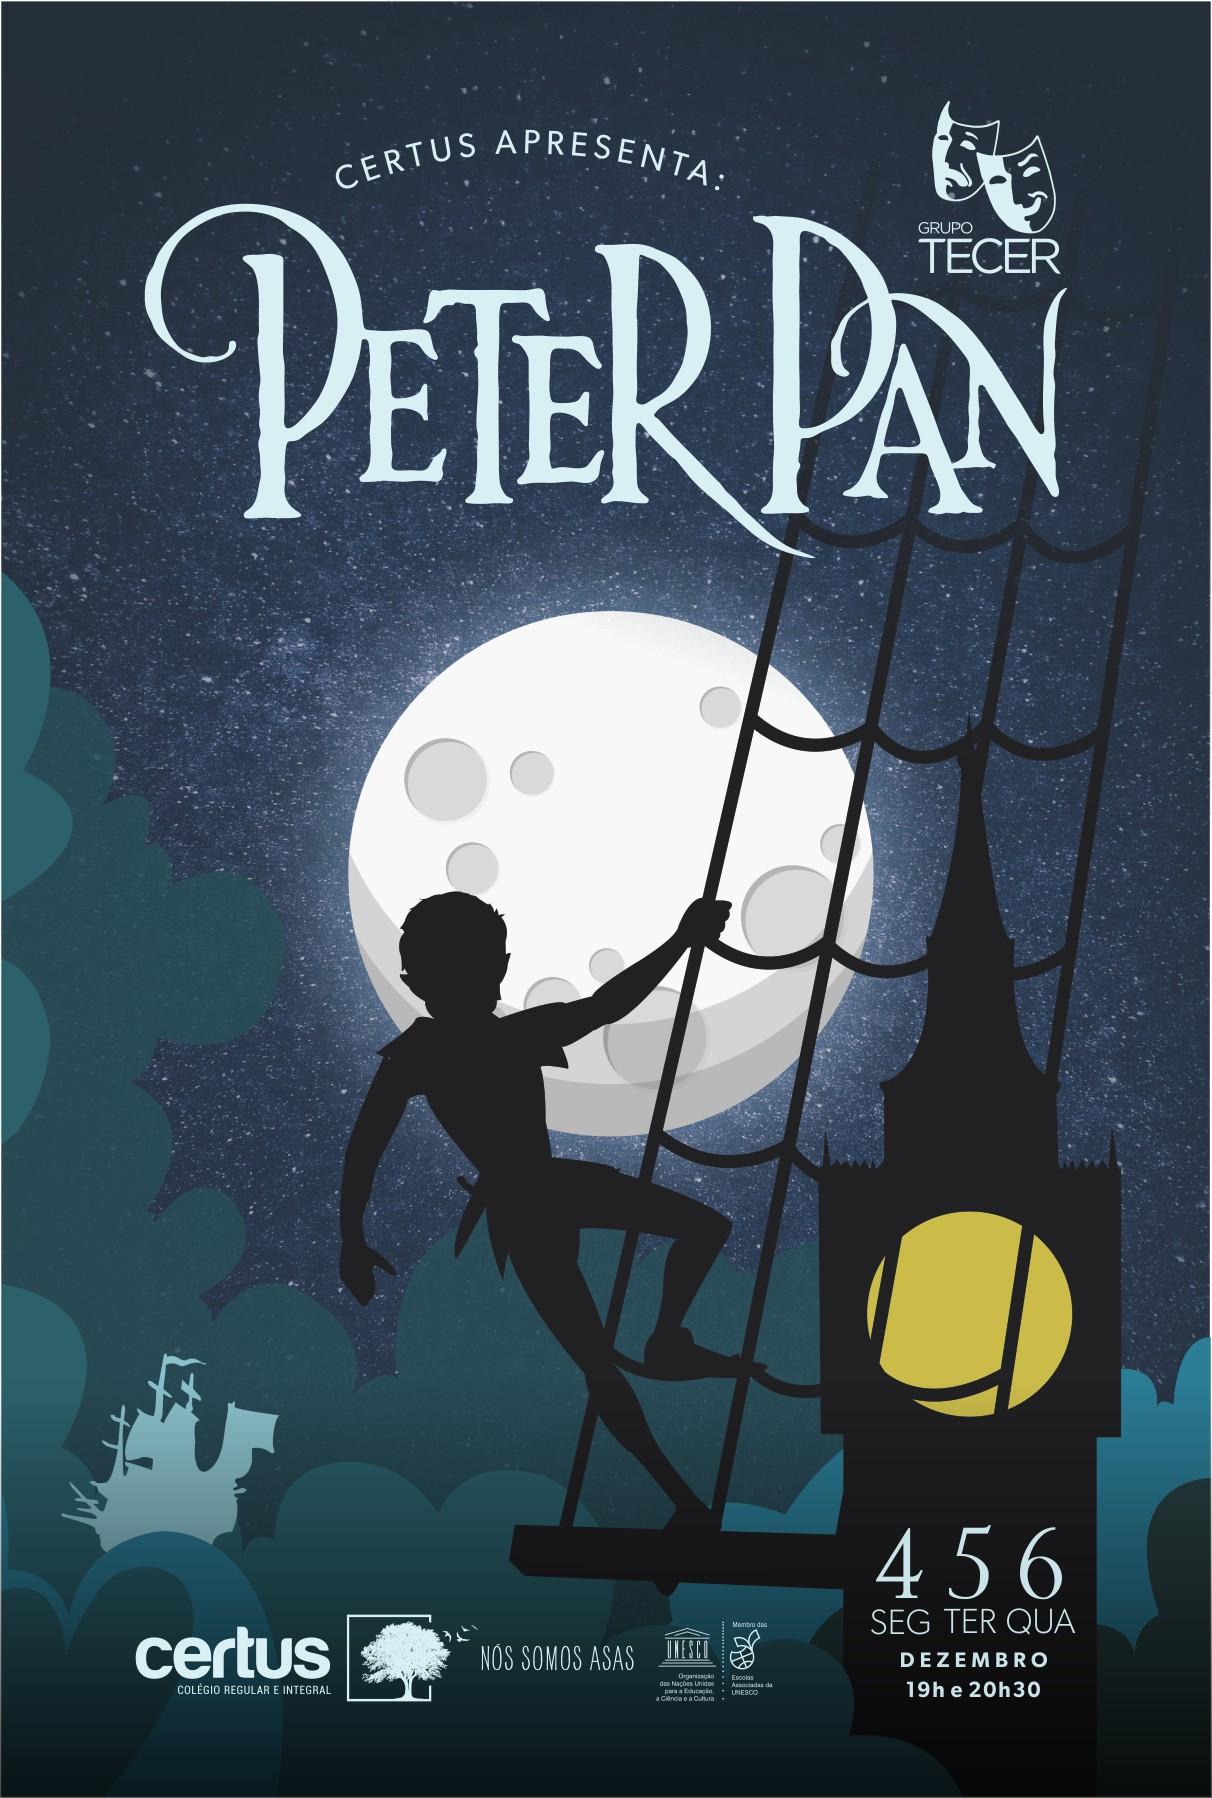 Pequeno Príncipe e Peter Pan são encenados pelo Tecer, grupo de Teatro do Certus tendo a infância como tema permeador das duas peças teatrais